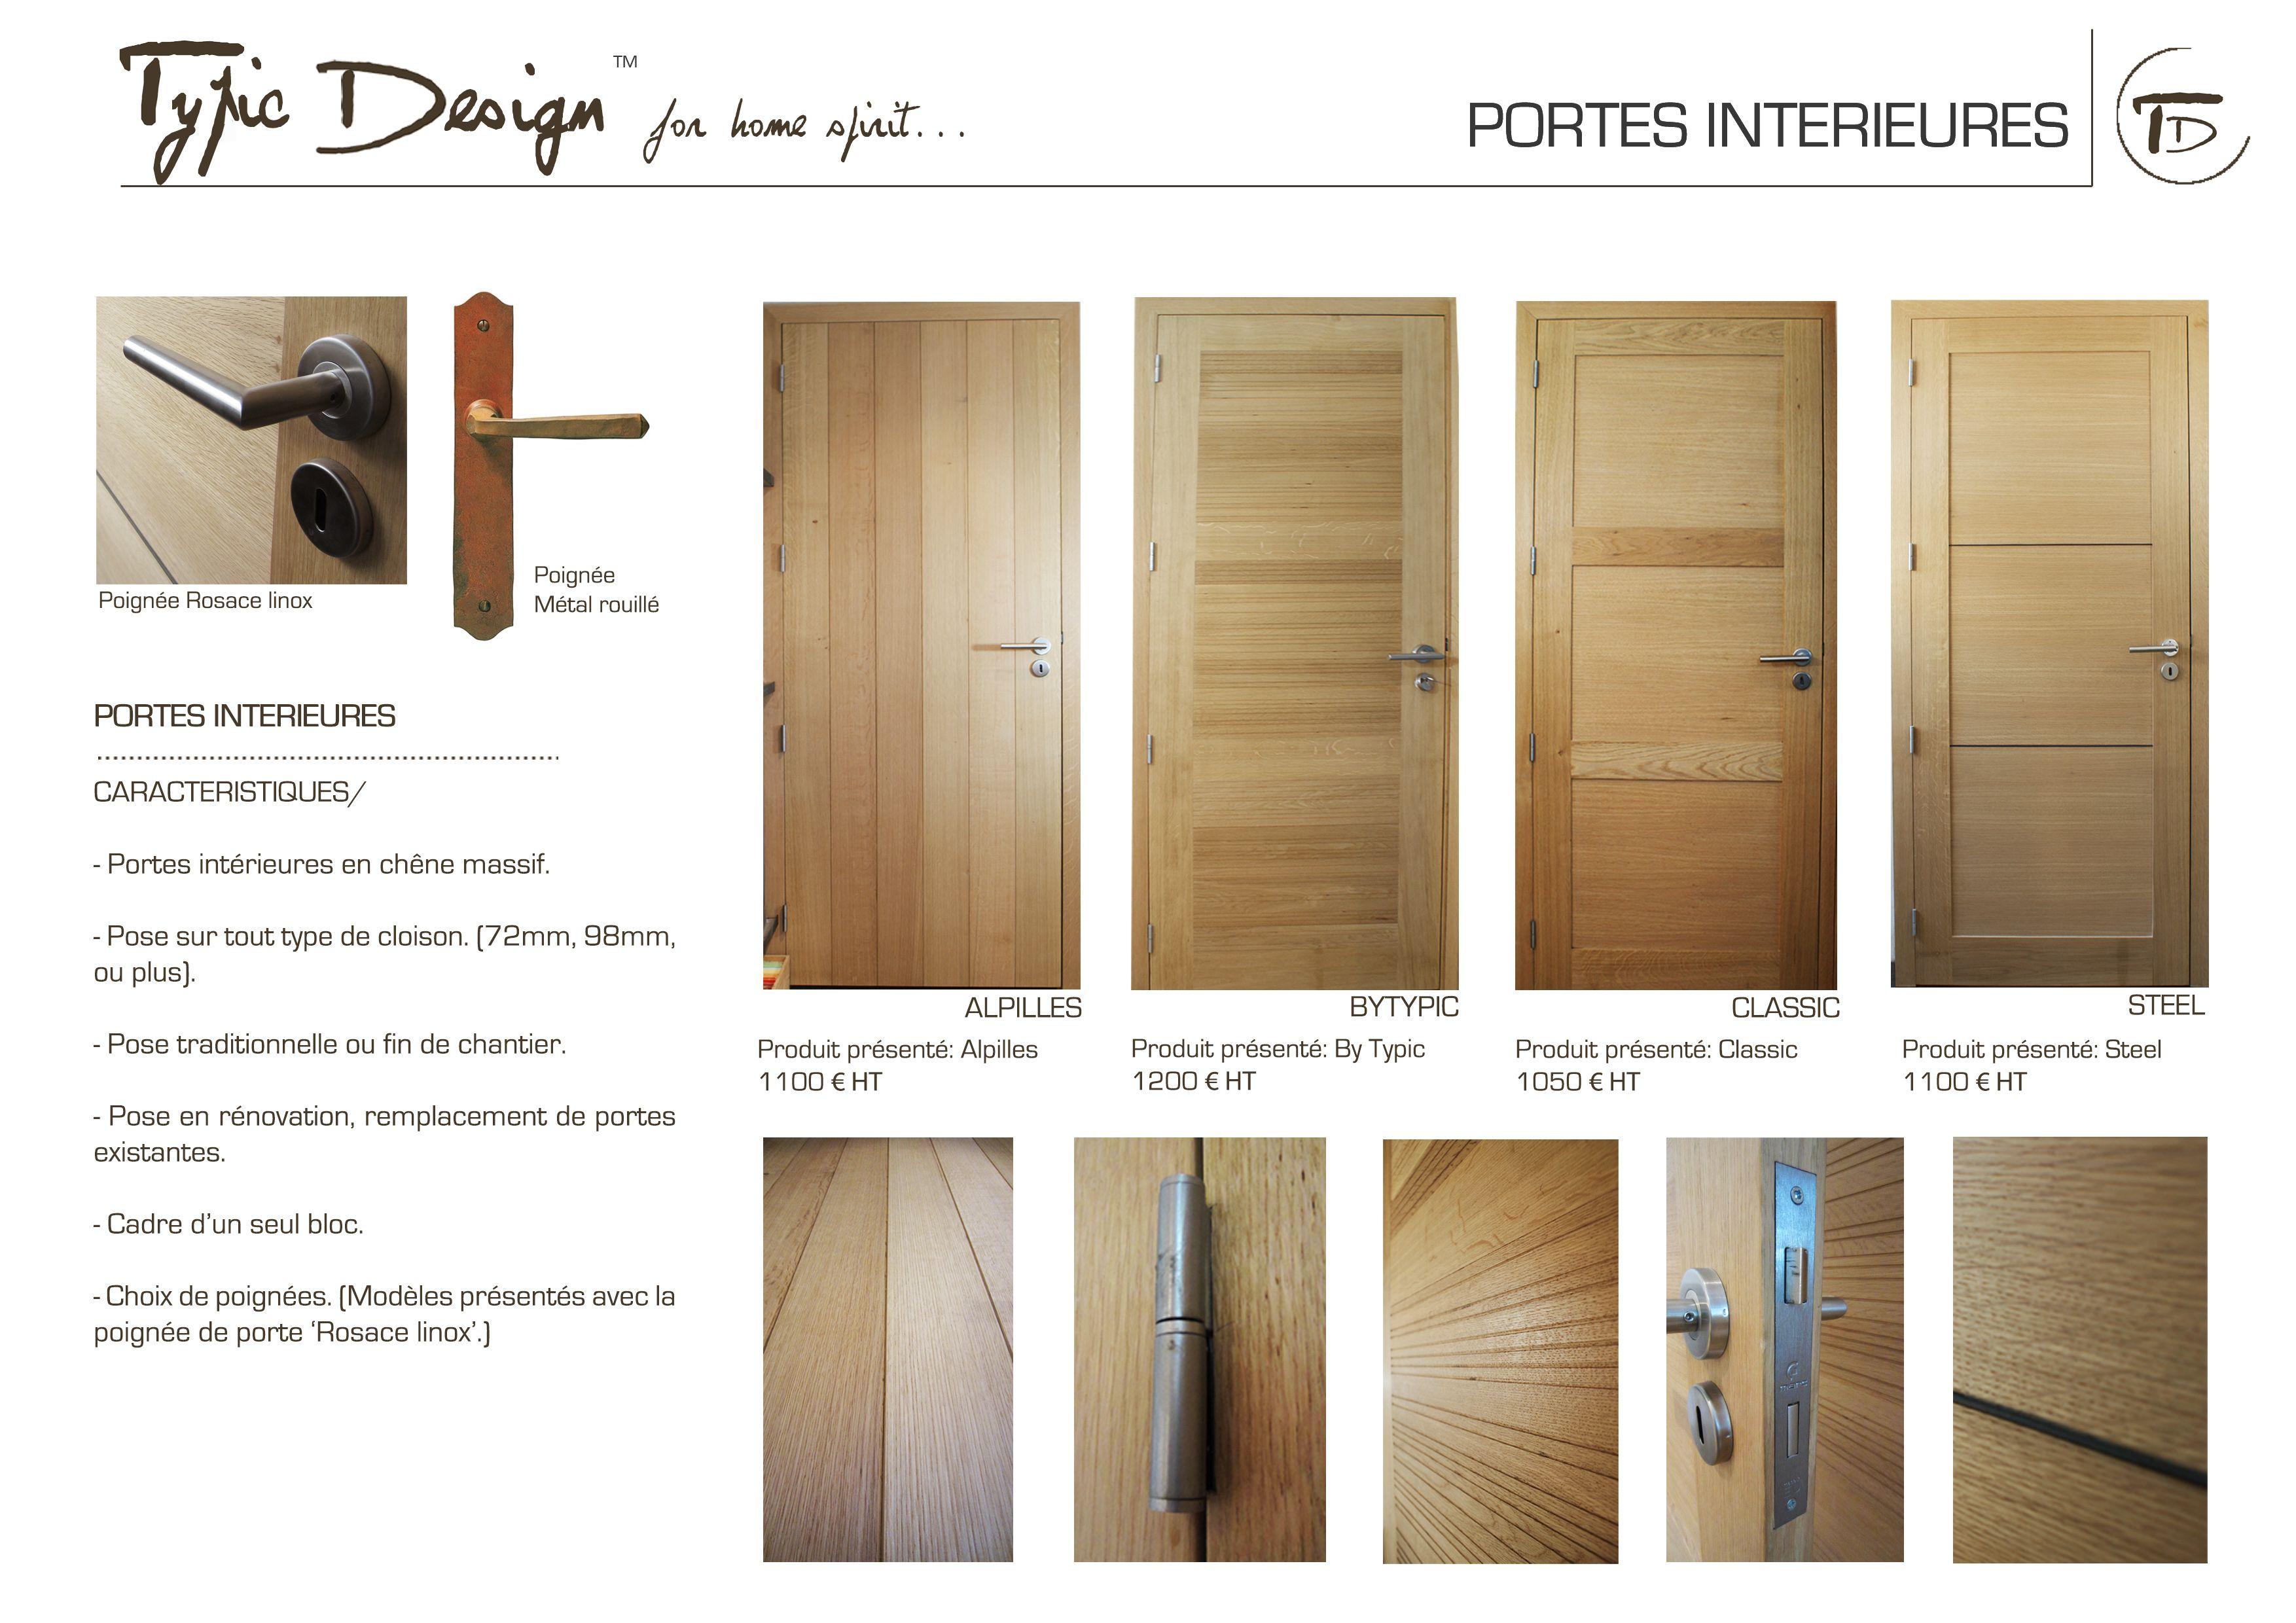 Porte Bois Interieur Occasion Prix Avec Bois Objet Chambre Porte